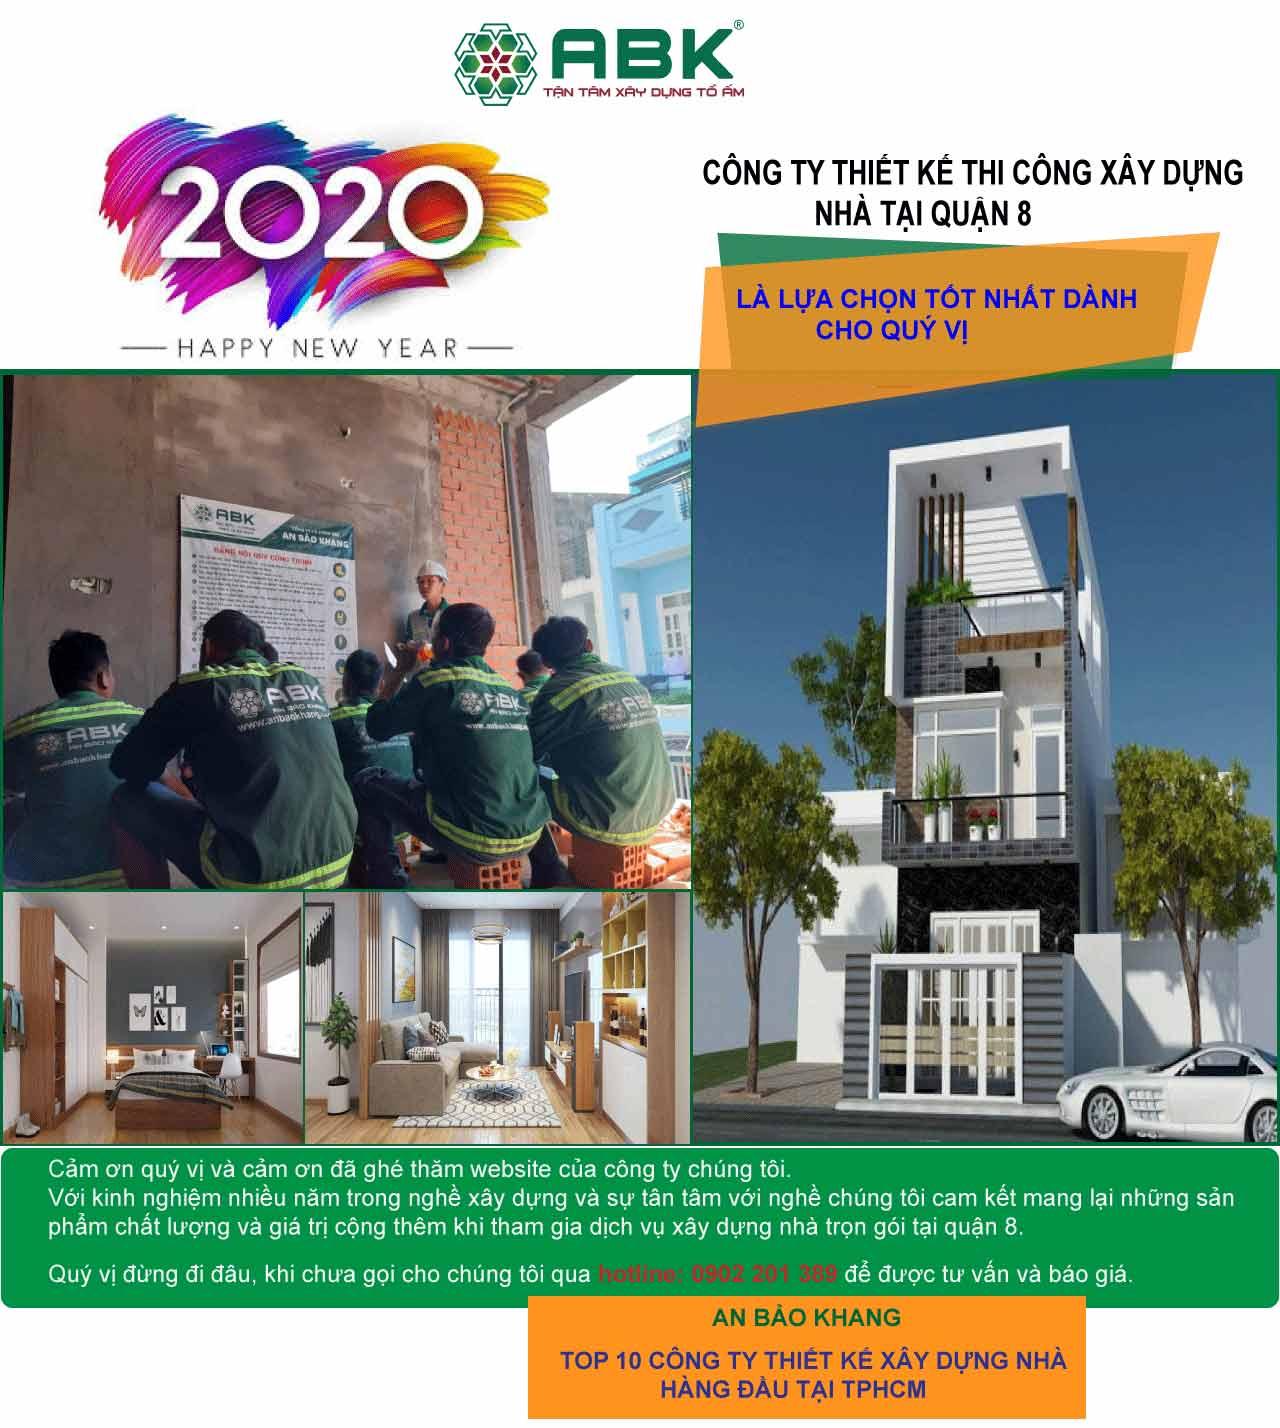 Công ty thiết kế xây dựng nhà Quận 8